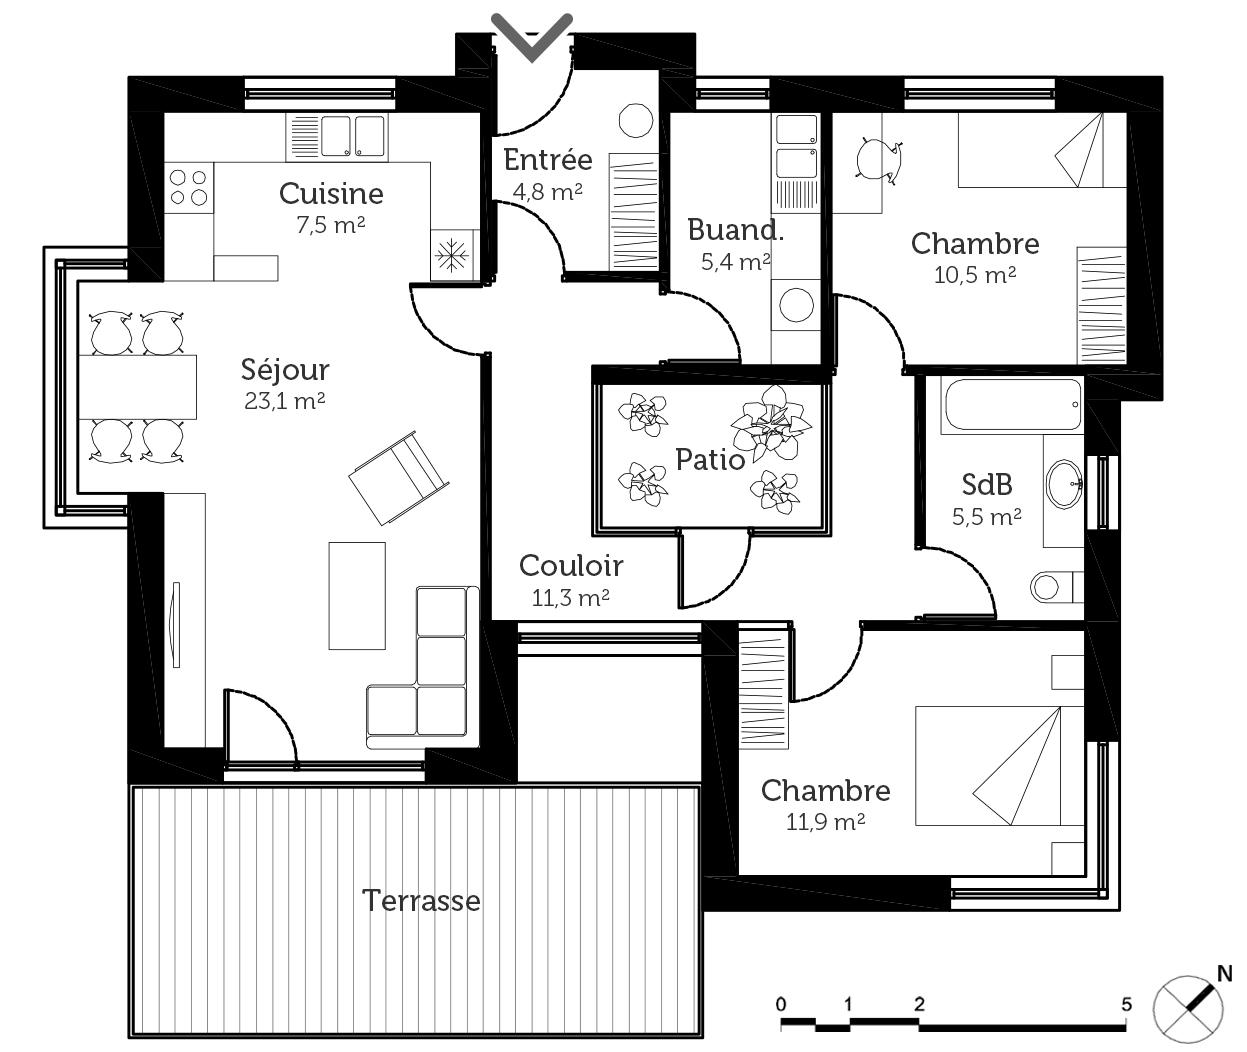 Plan maison toit plat avec patio ooreka - Plan de drainage maison ...